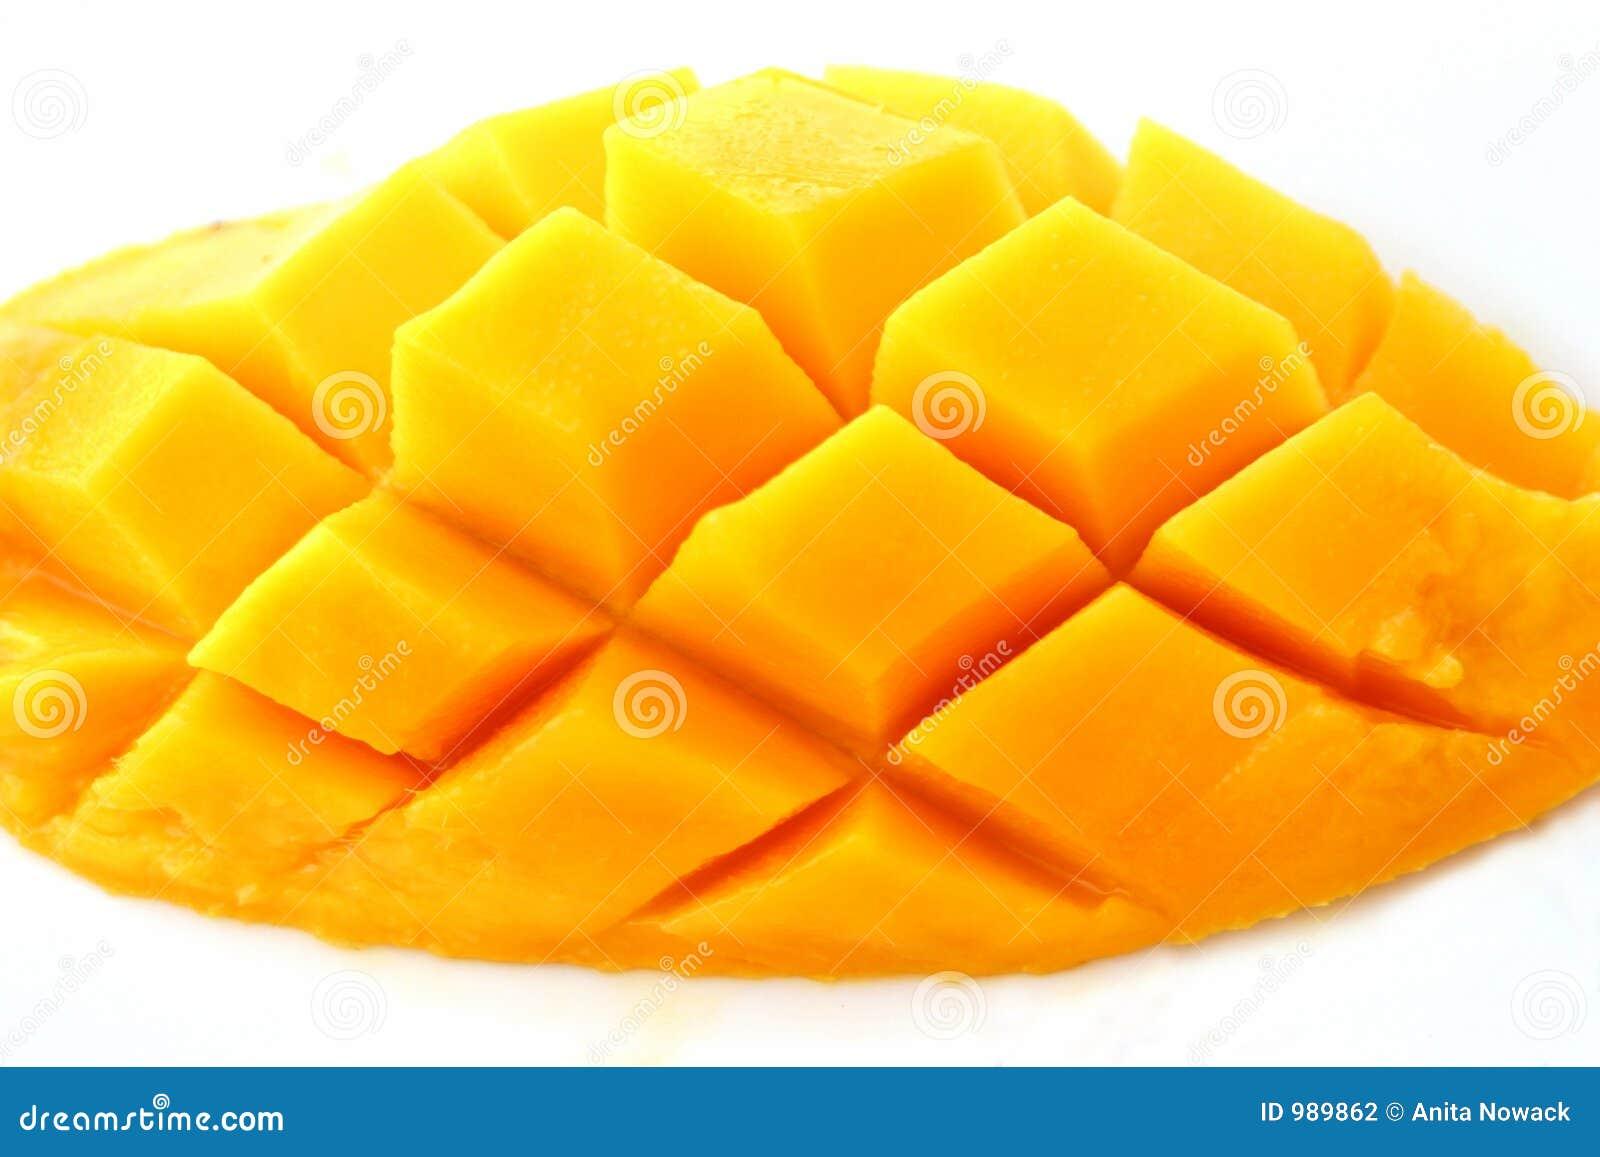 Söt mango